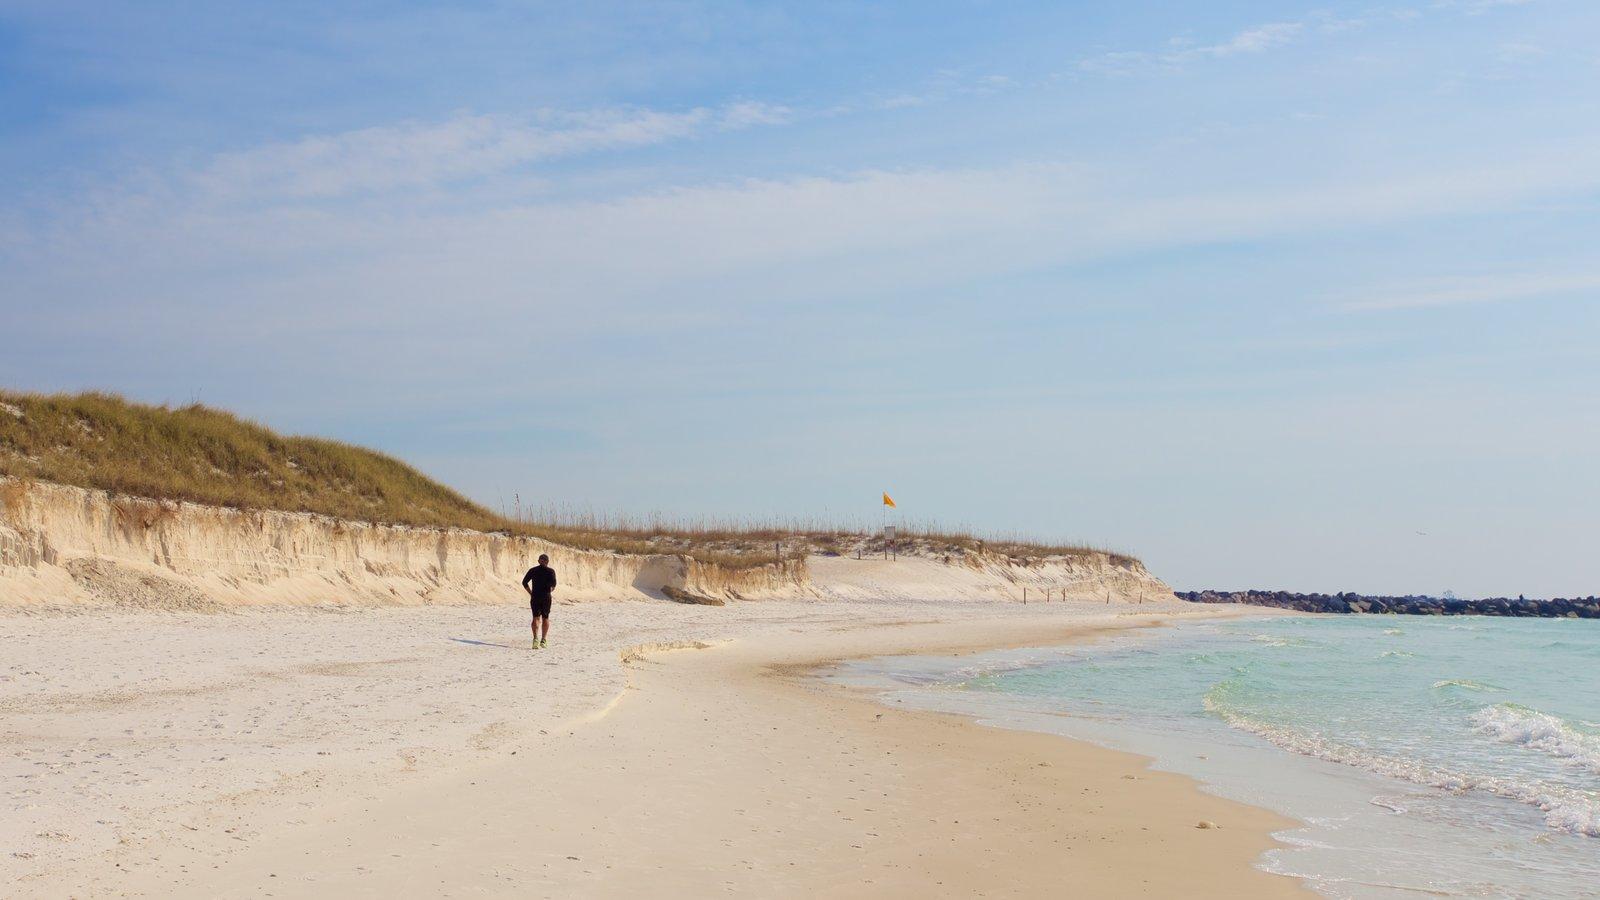 St. Andrews State Park caracterizando uma praia assim como um homem sozinho